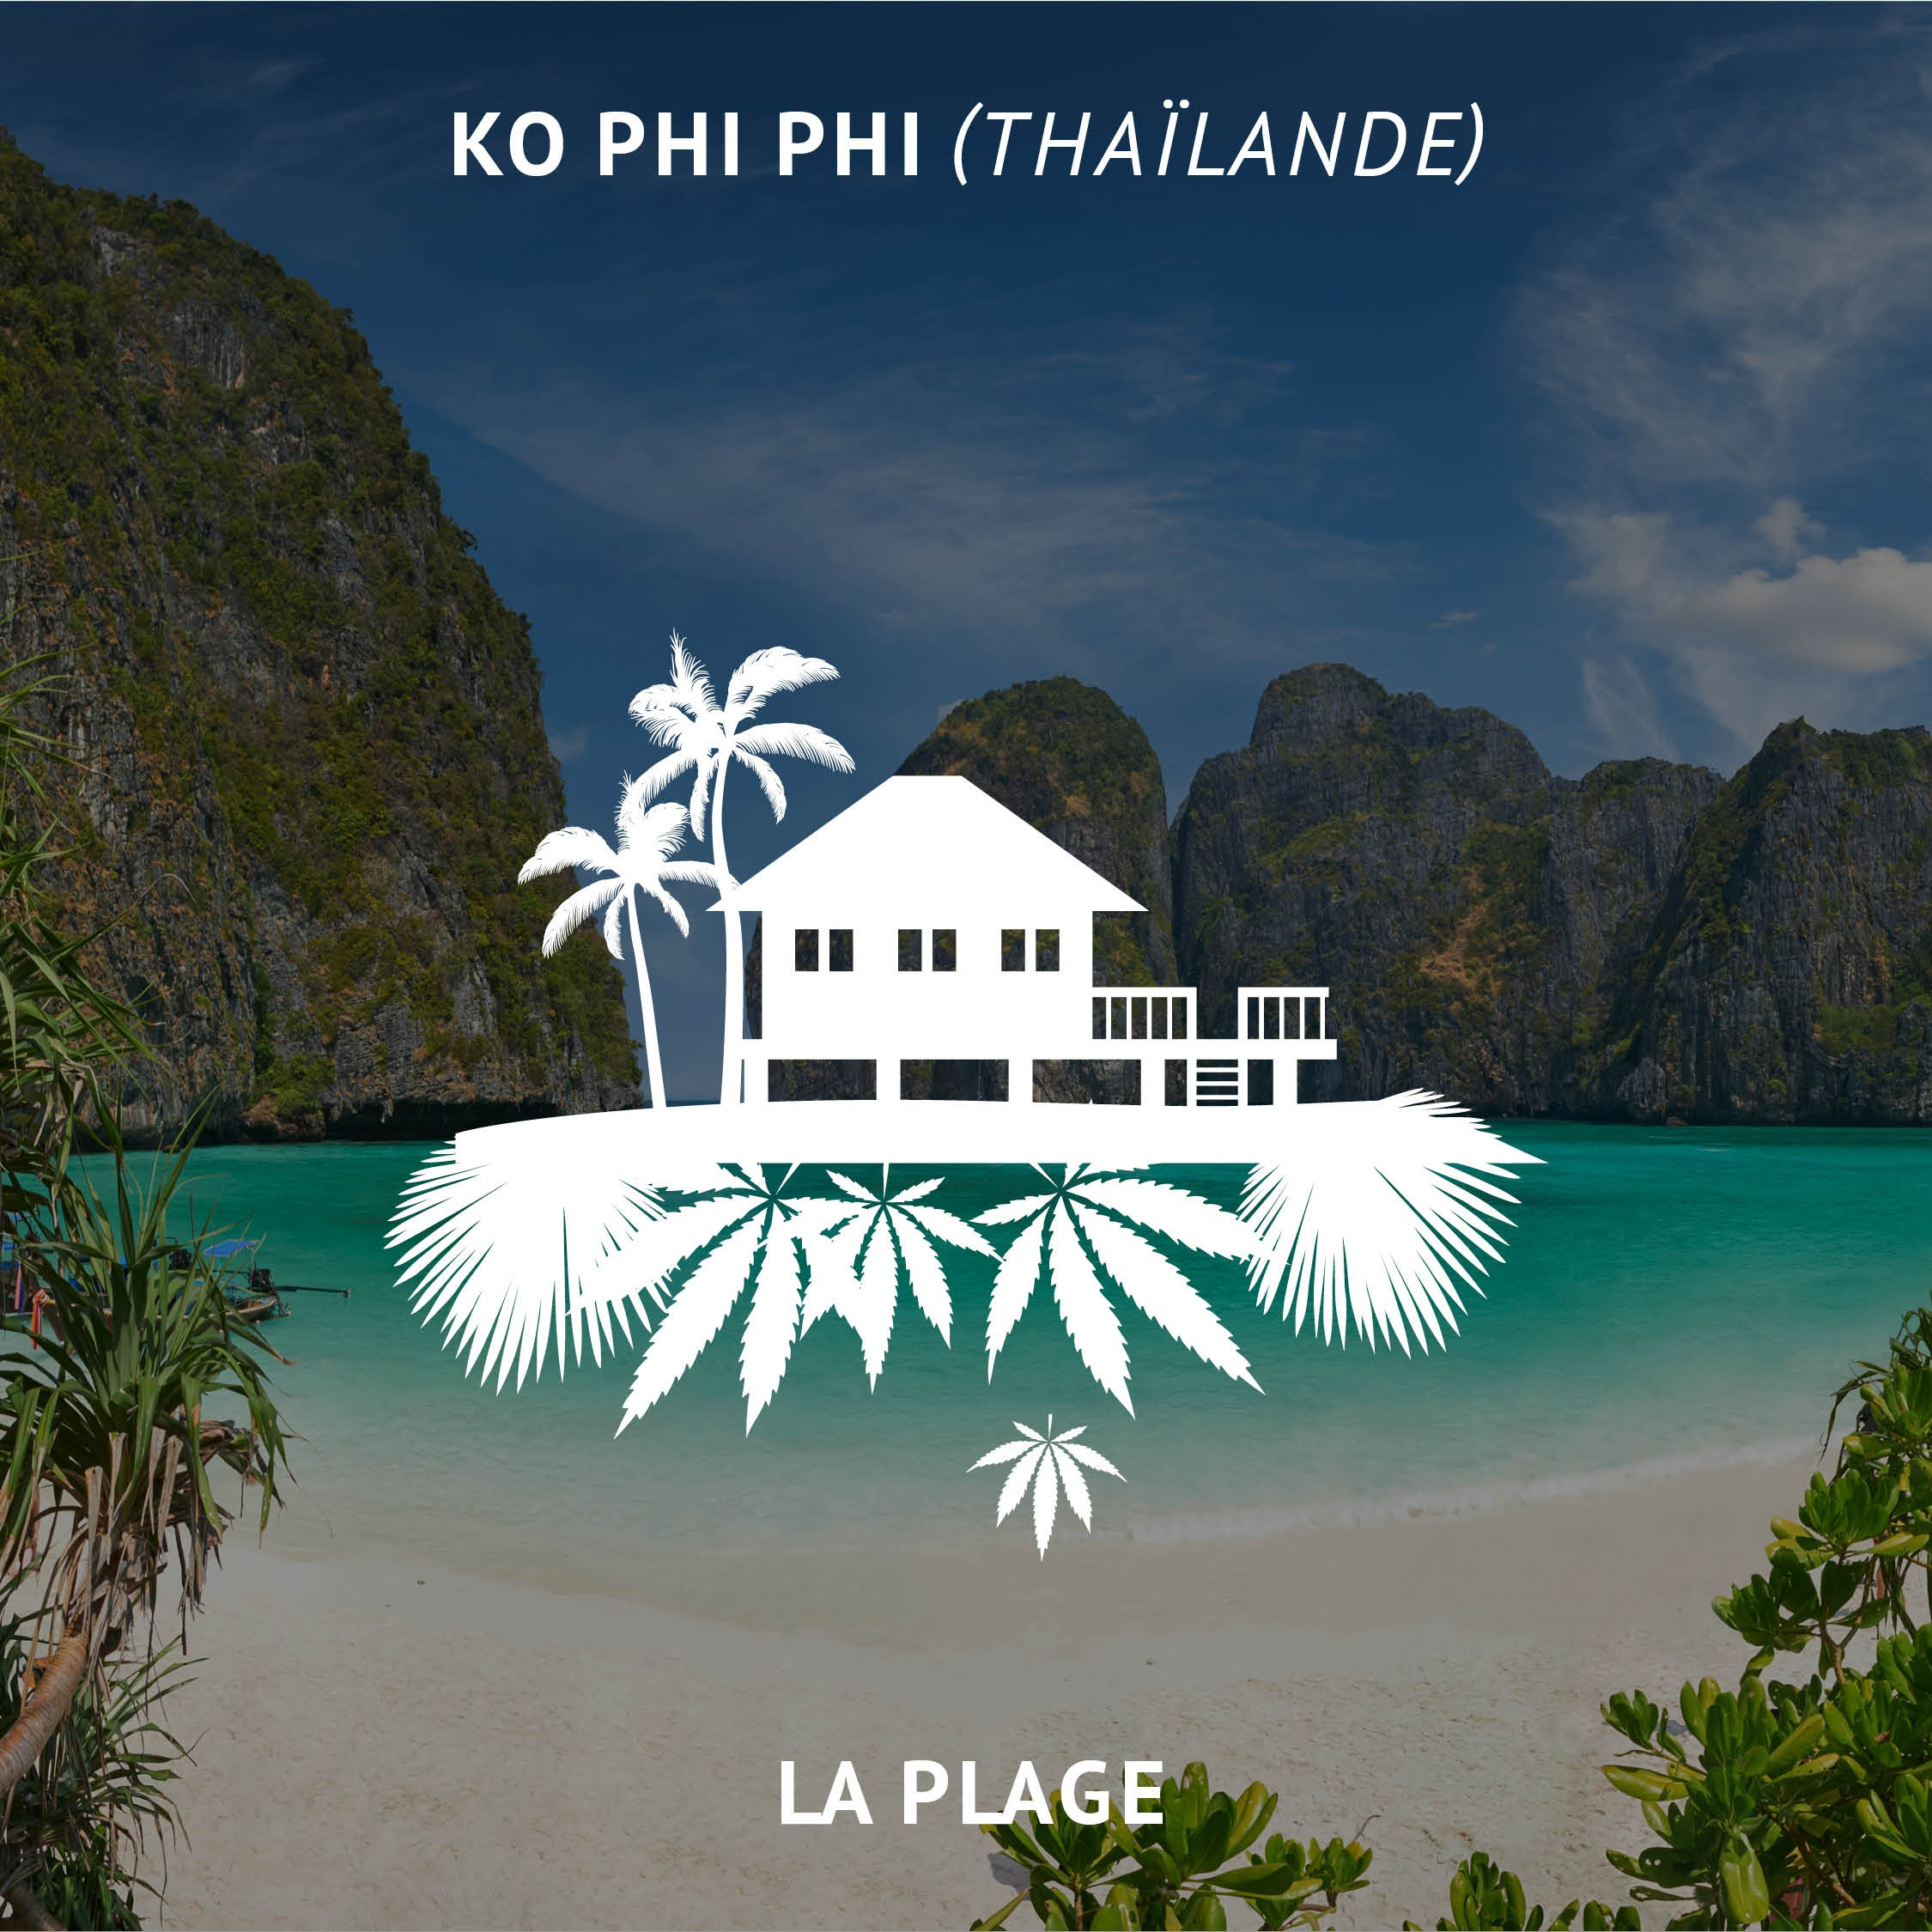 Ko Phi Phi Plage